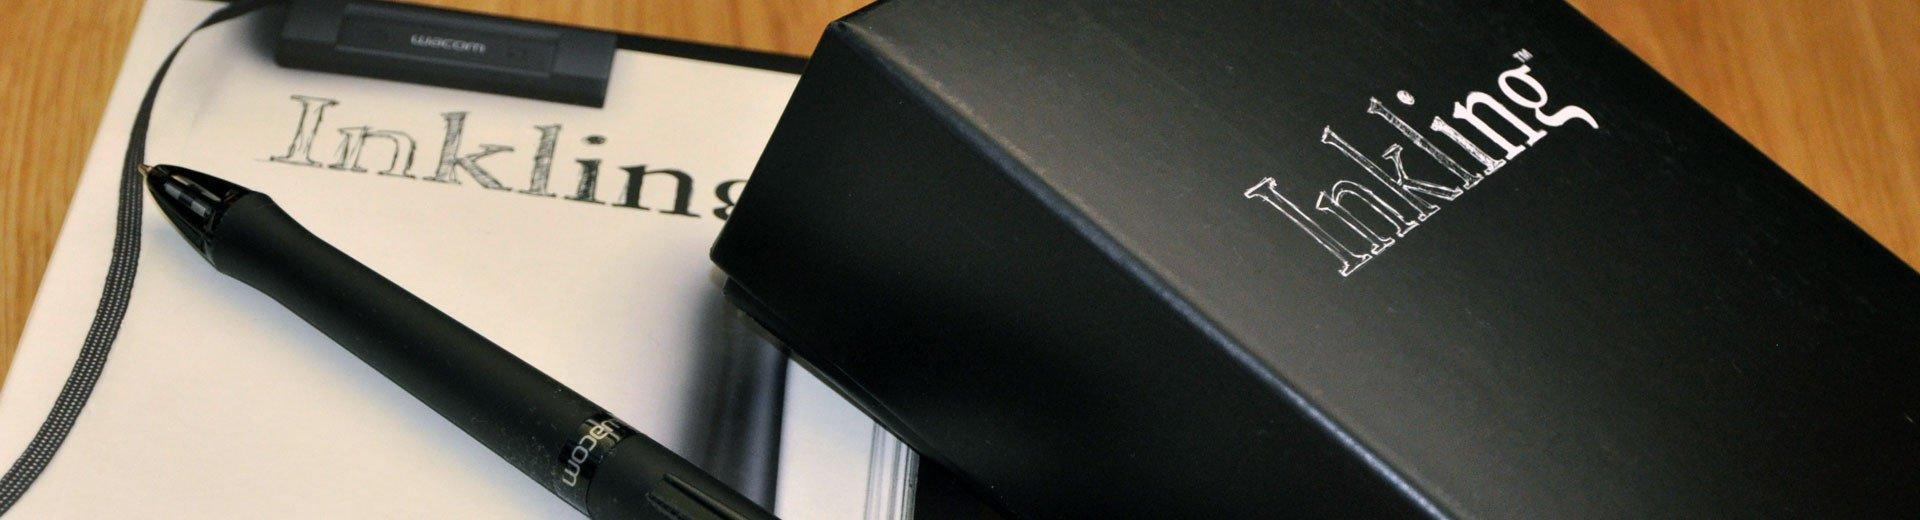 Okładka artykułu Wacom Inkling — Test i recenzja urządzenia